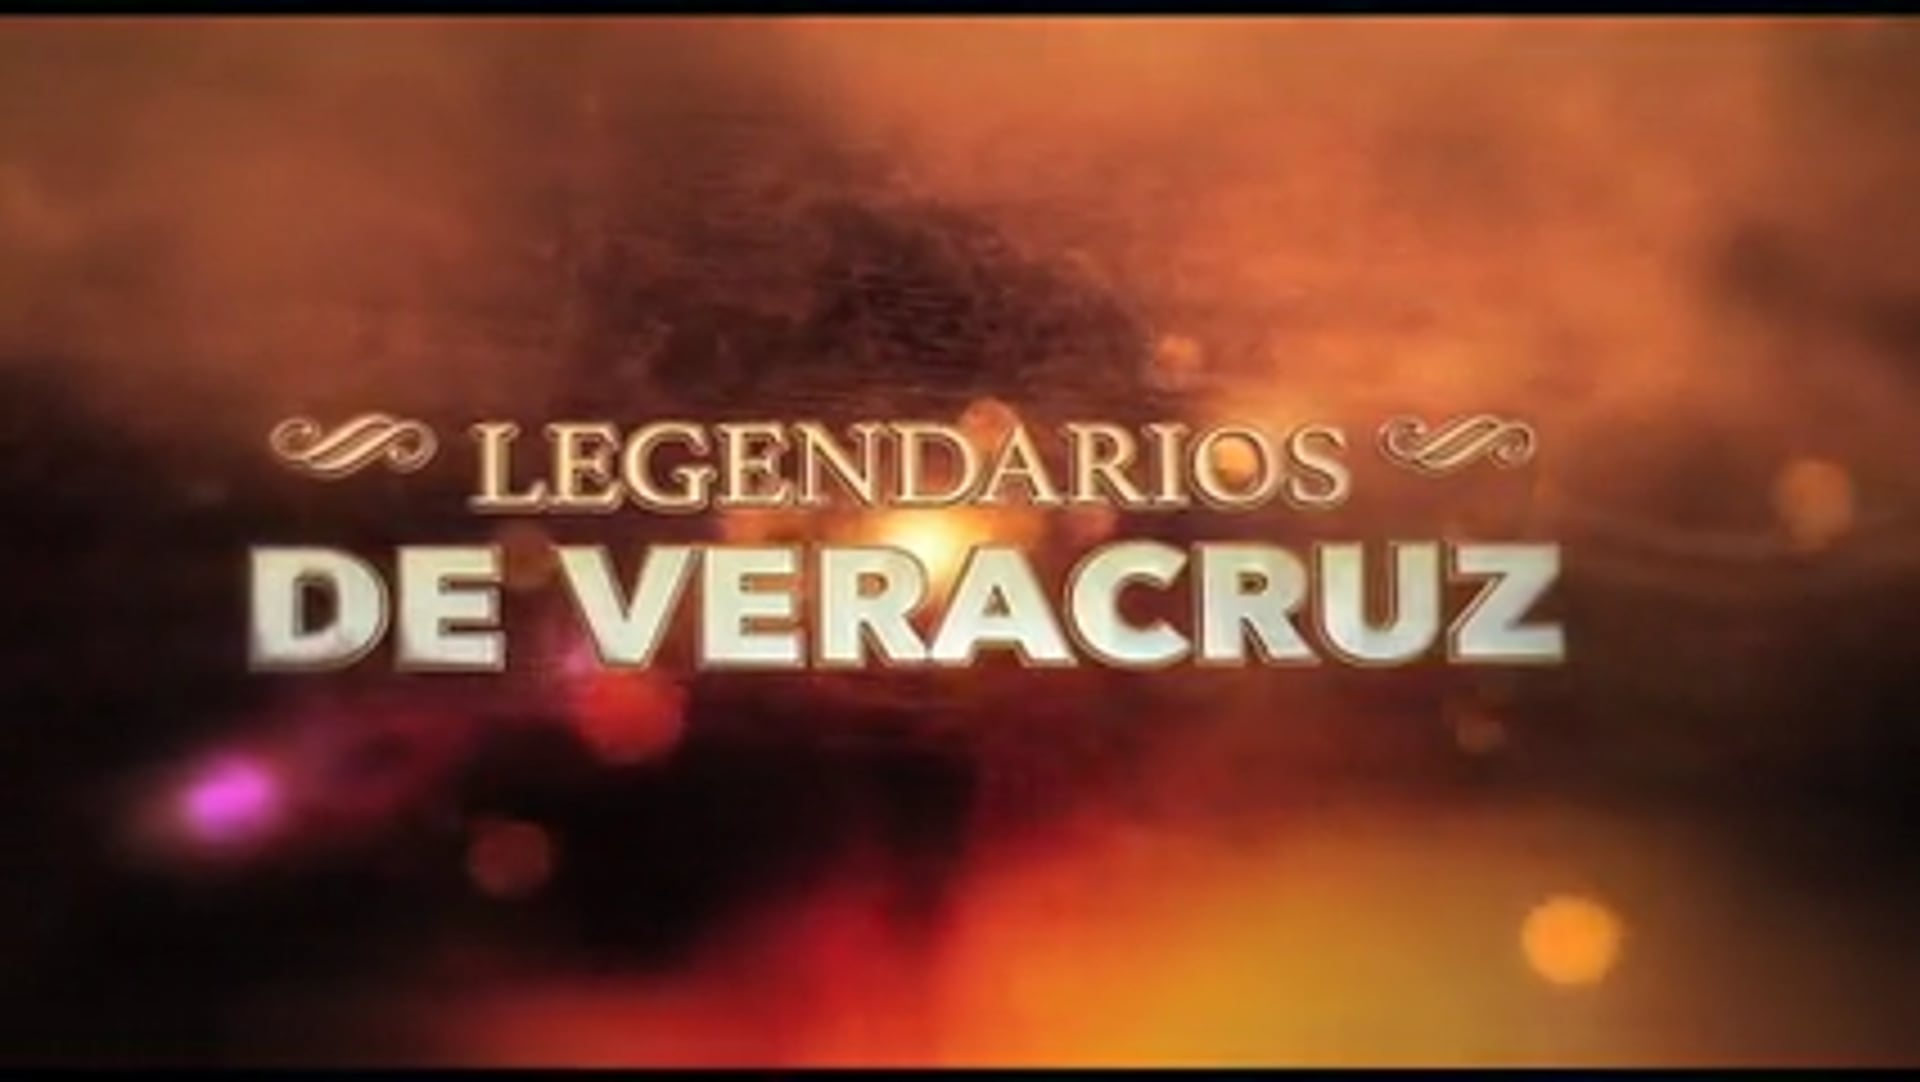 Legendarios de Veracruz